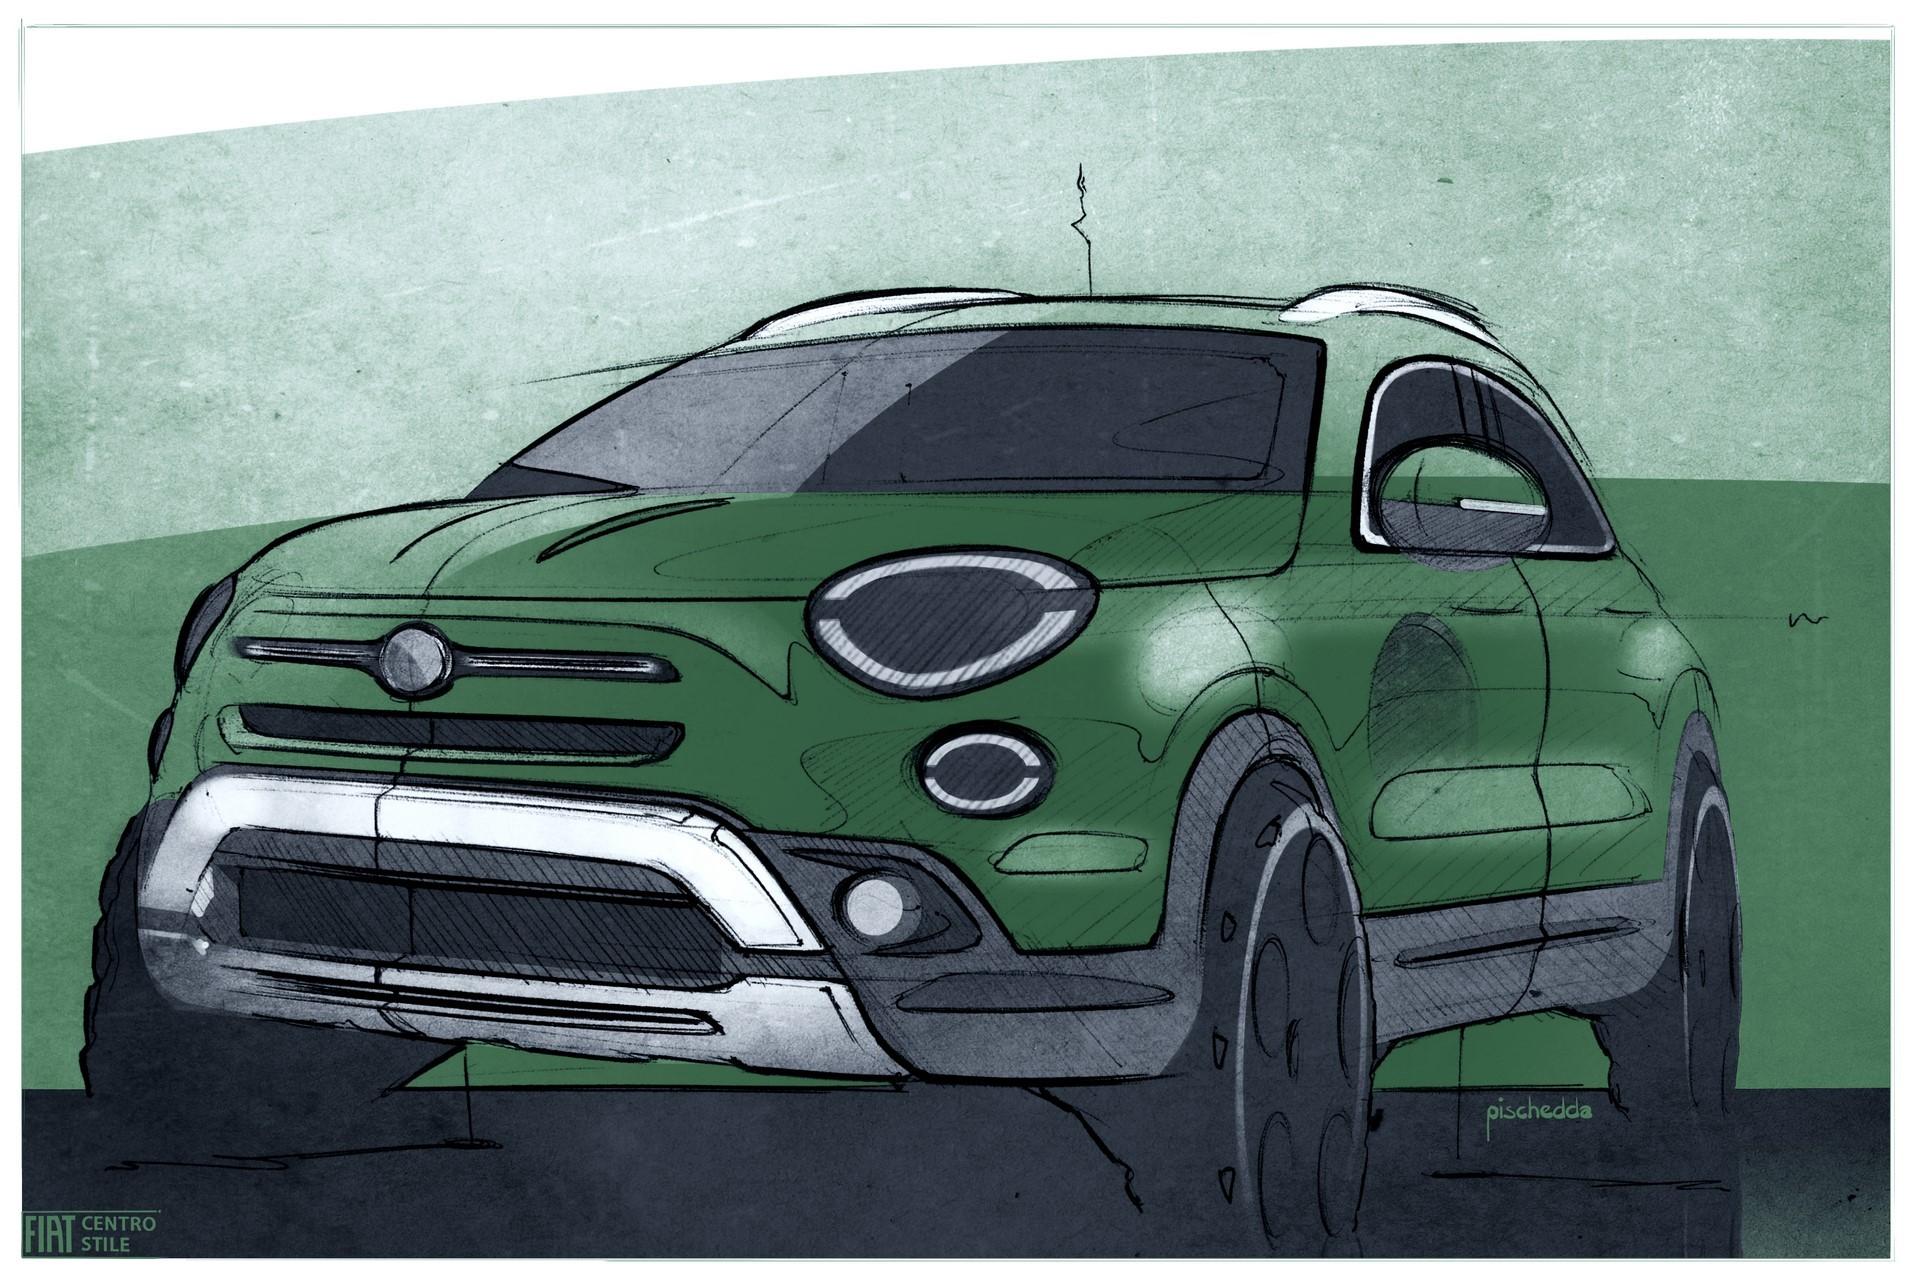 180828_Fiat_New-500X-sketch_15